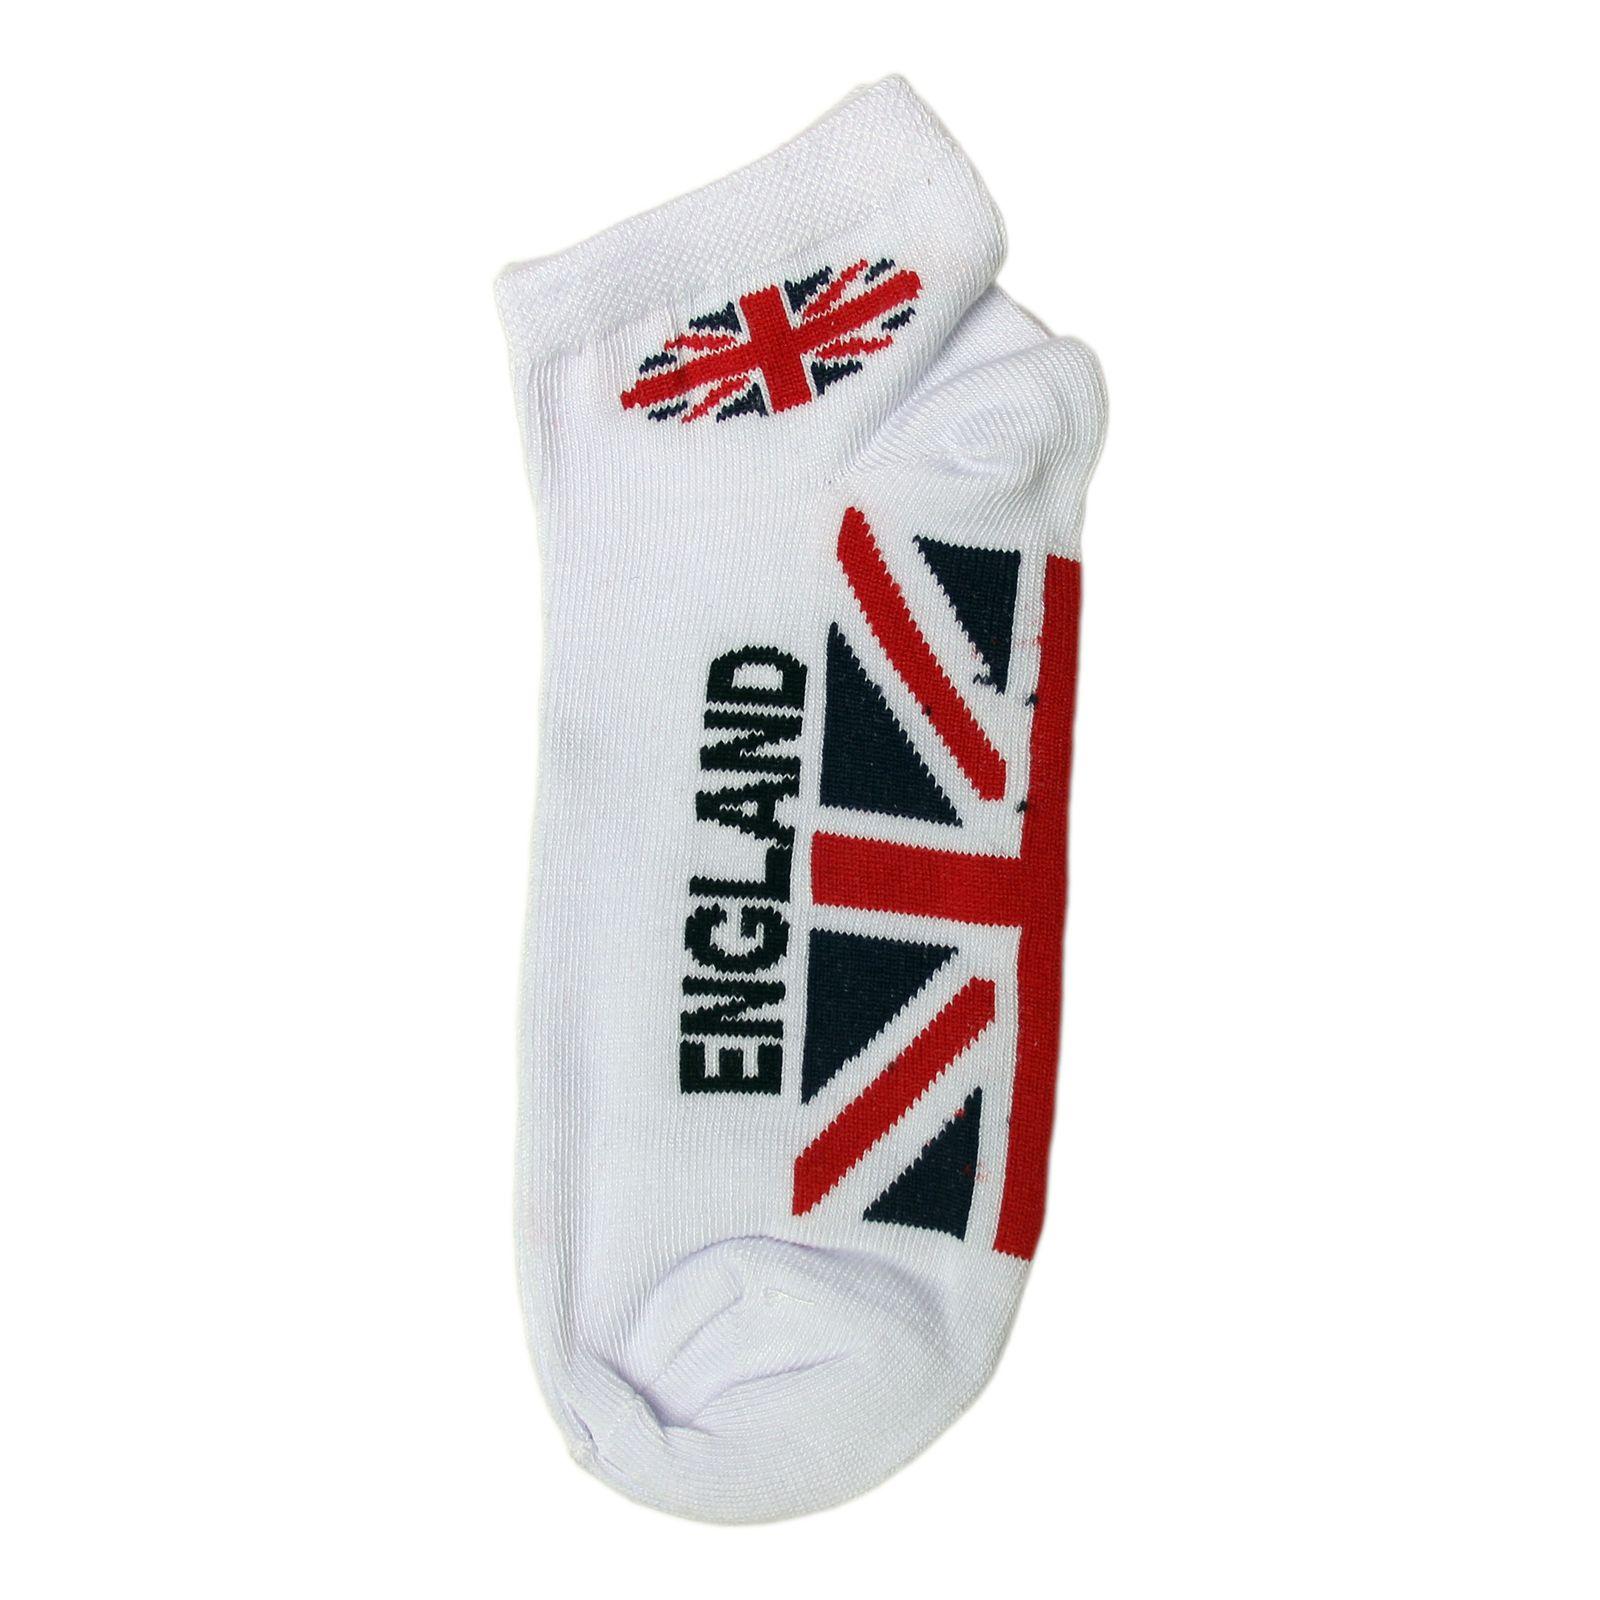 جوراب مردانه کد 023 -  - 2